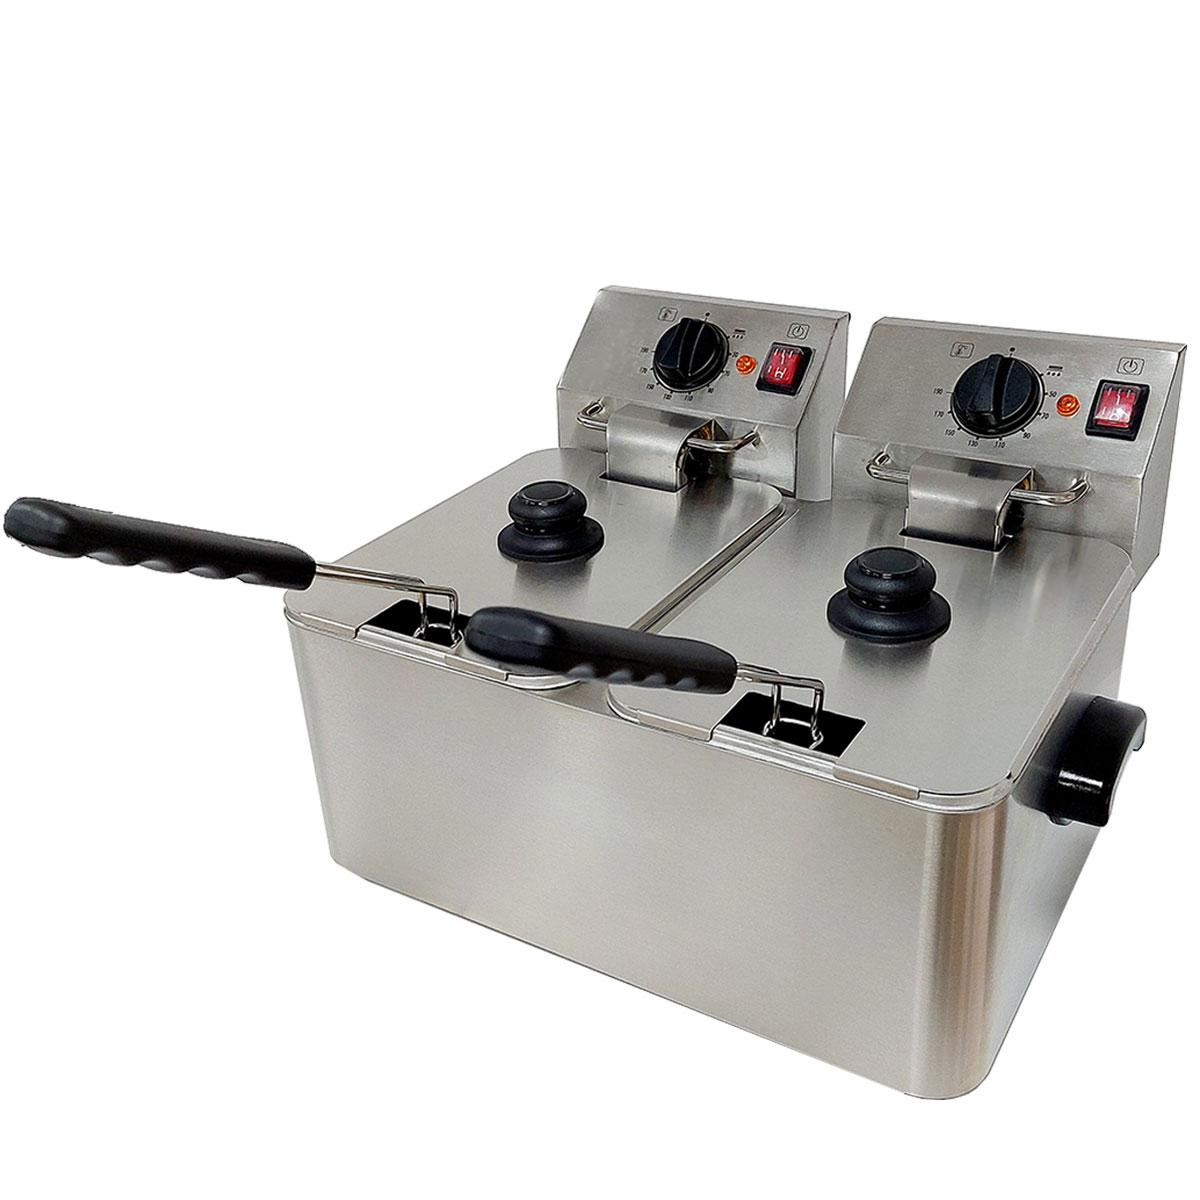 Freidora profesional de 2 cubas con 4 litros de capacidad